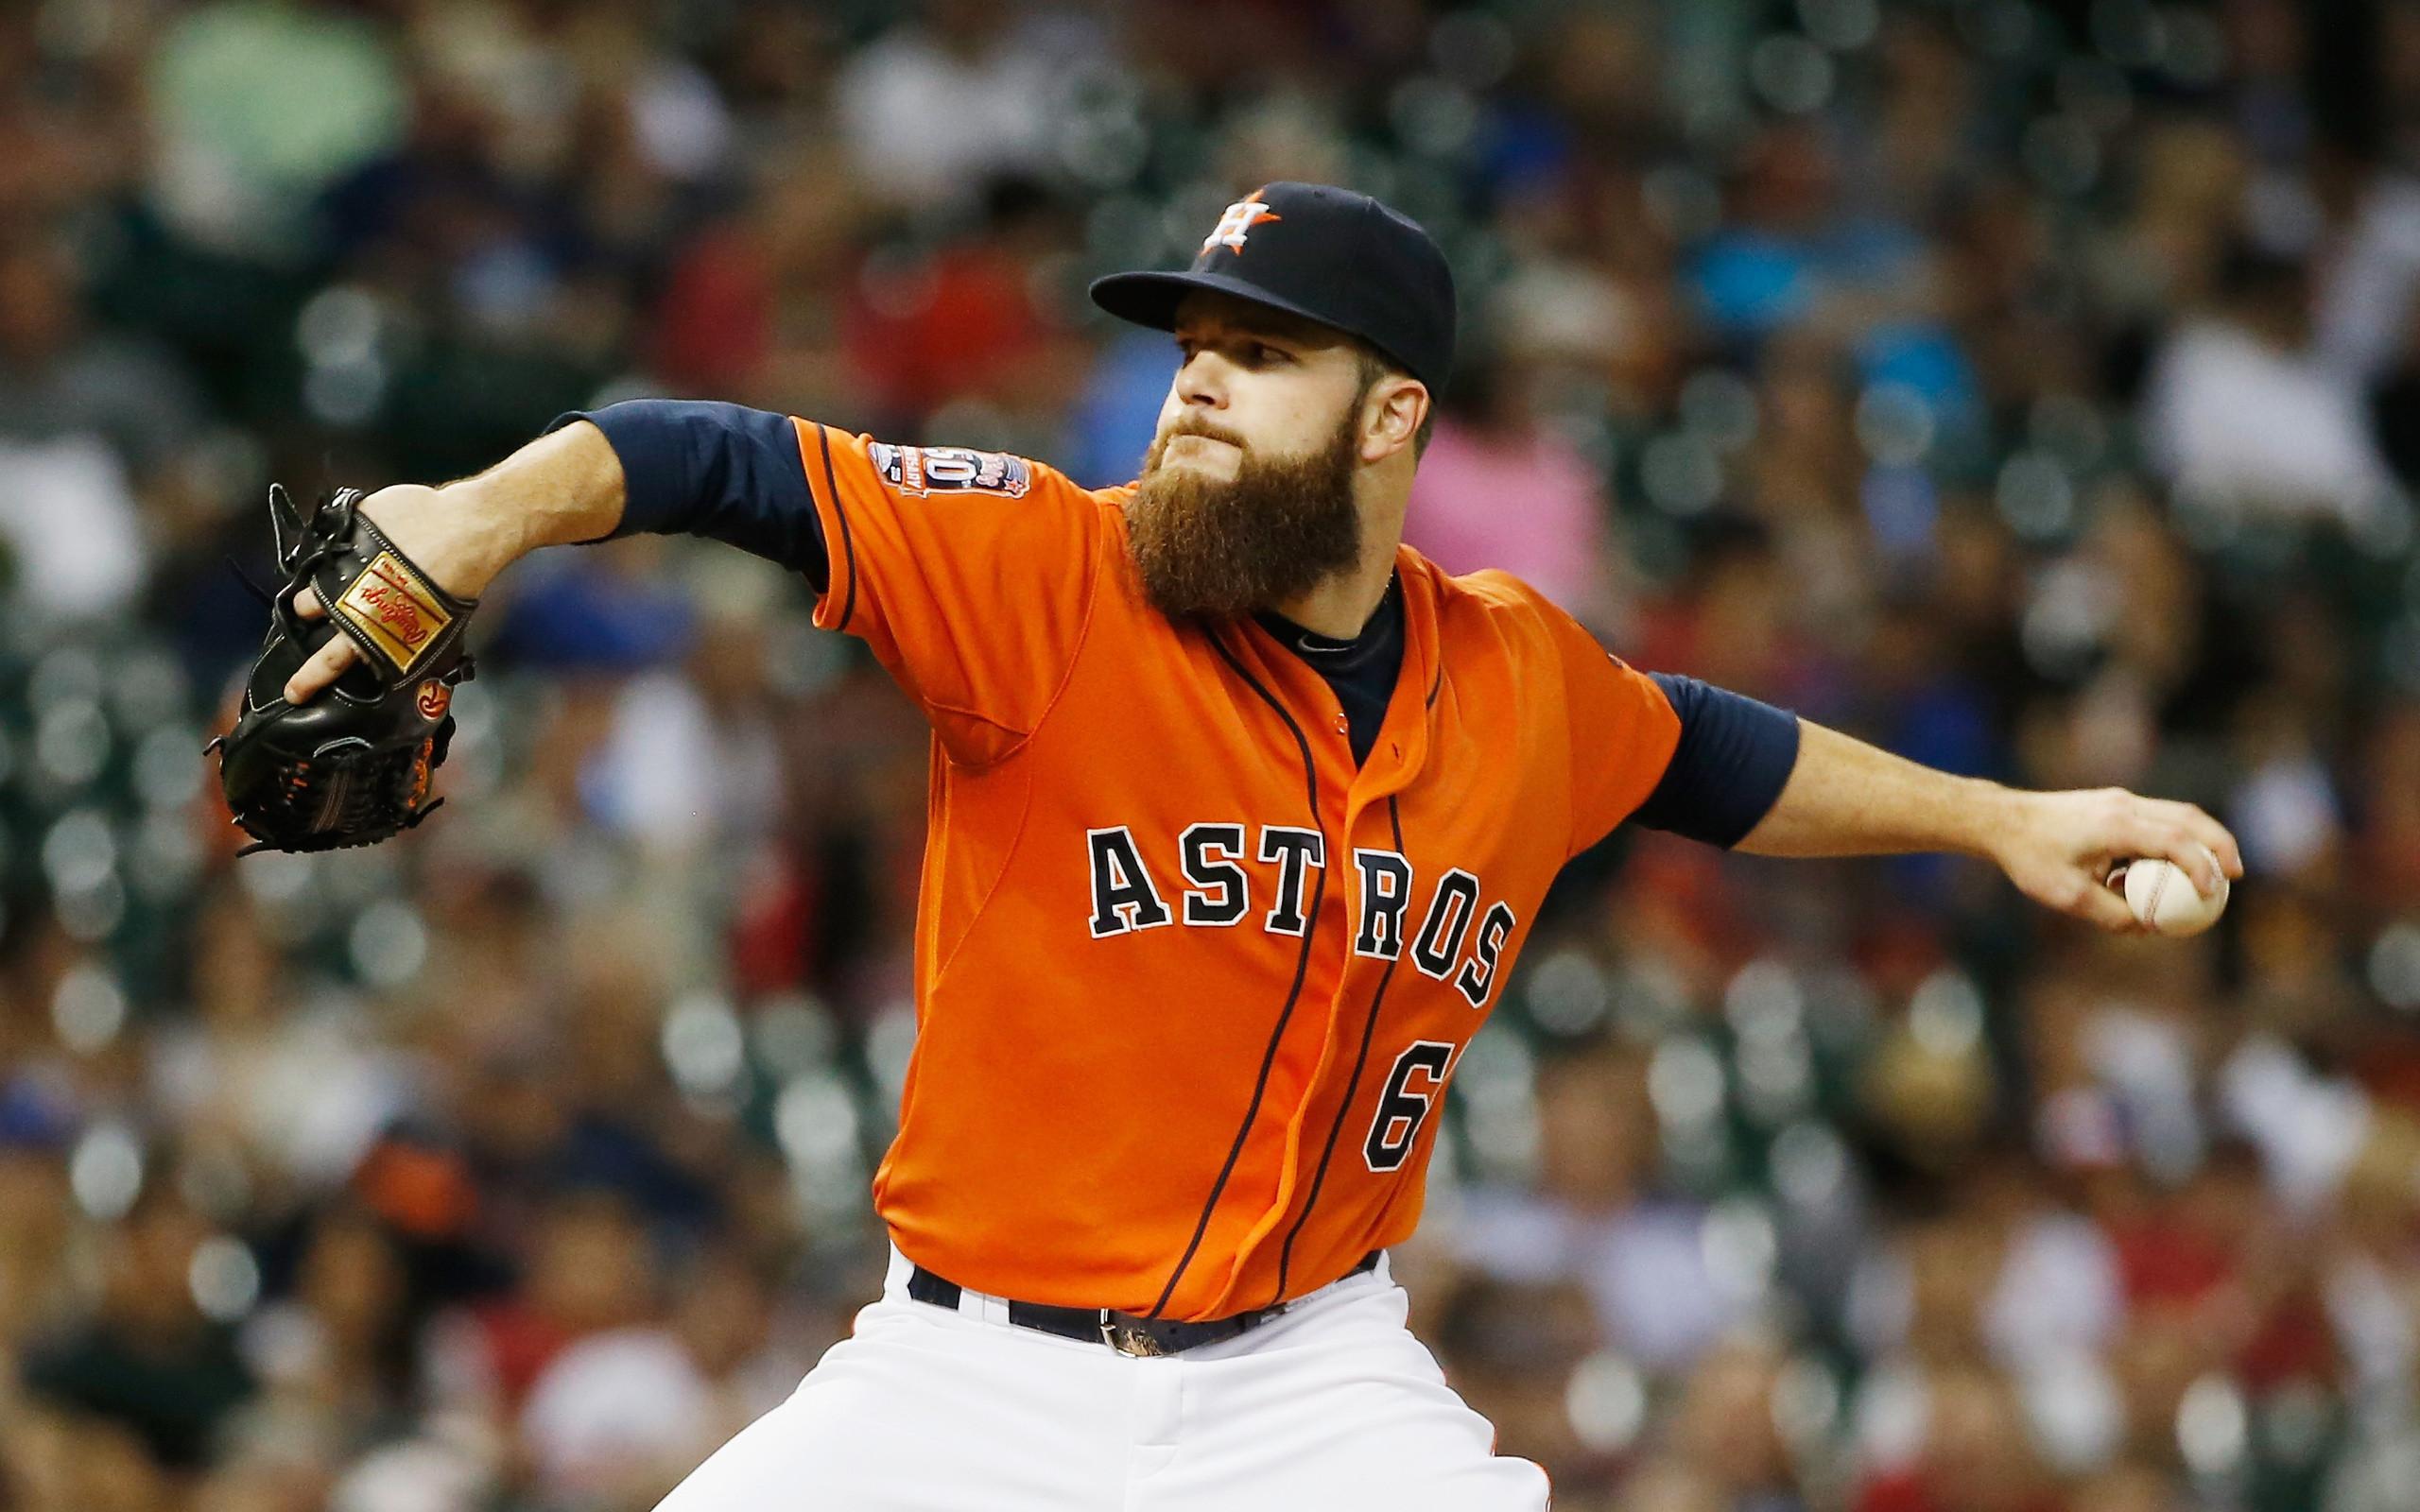 Sports, Houston Astros, Mlb, Baseball, Houston Astros Pitcher, Pitcher